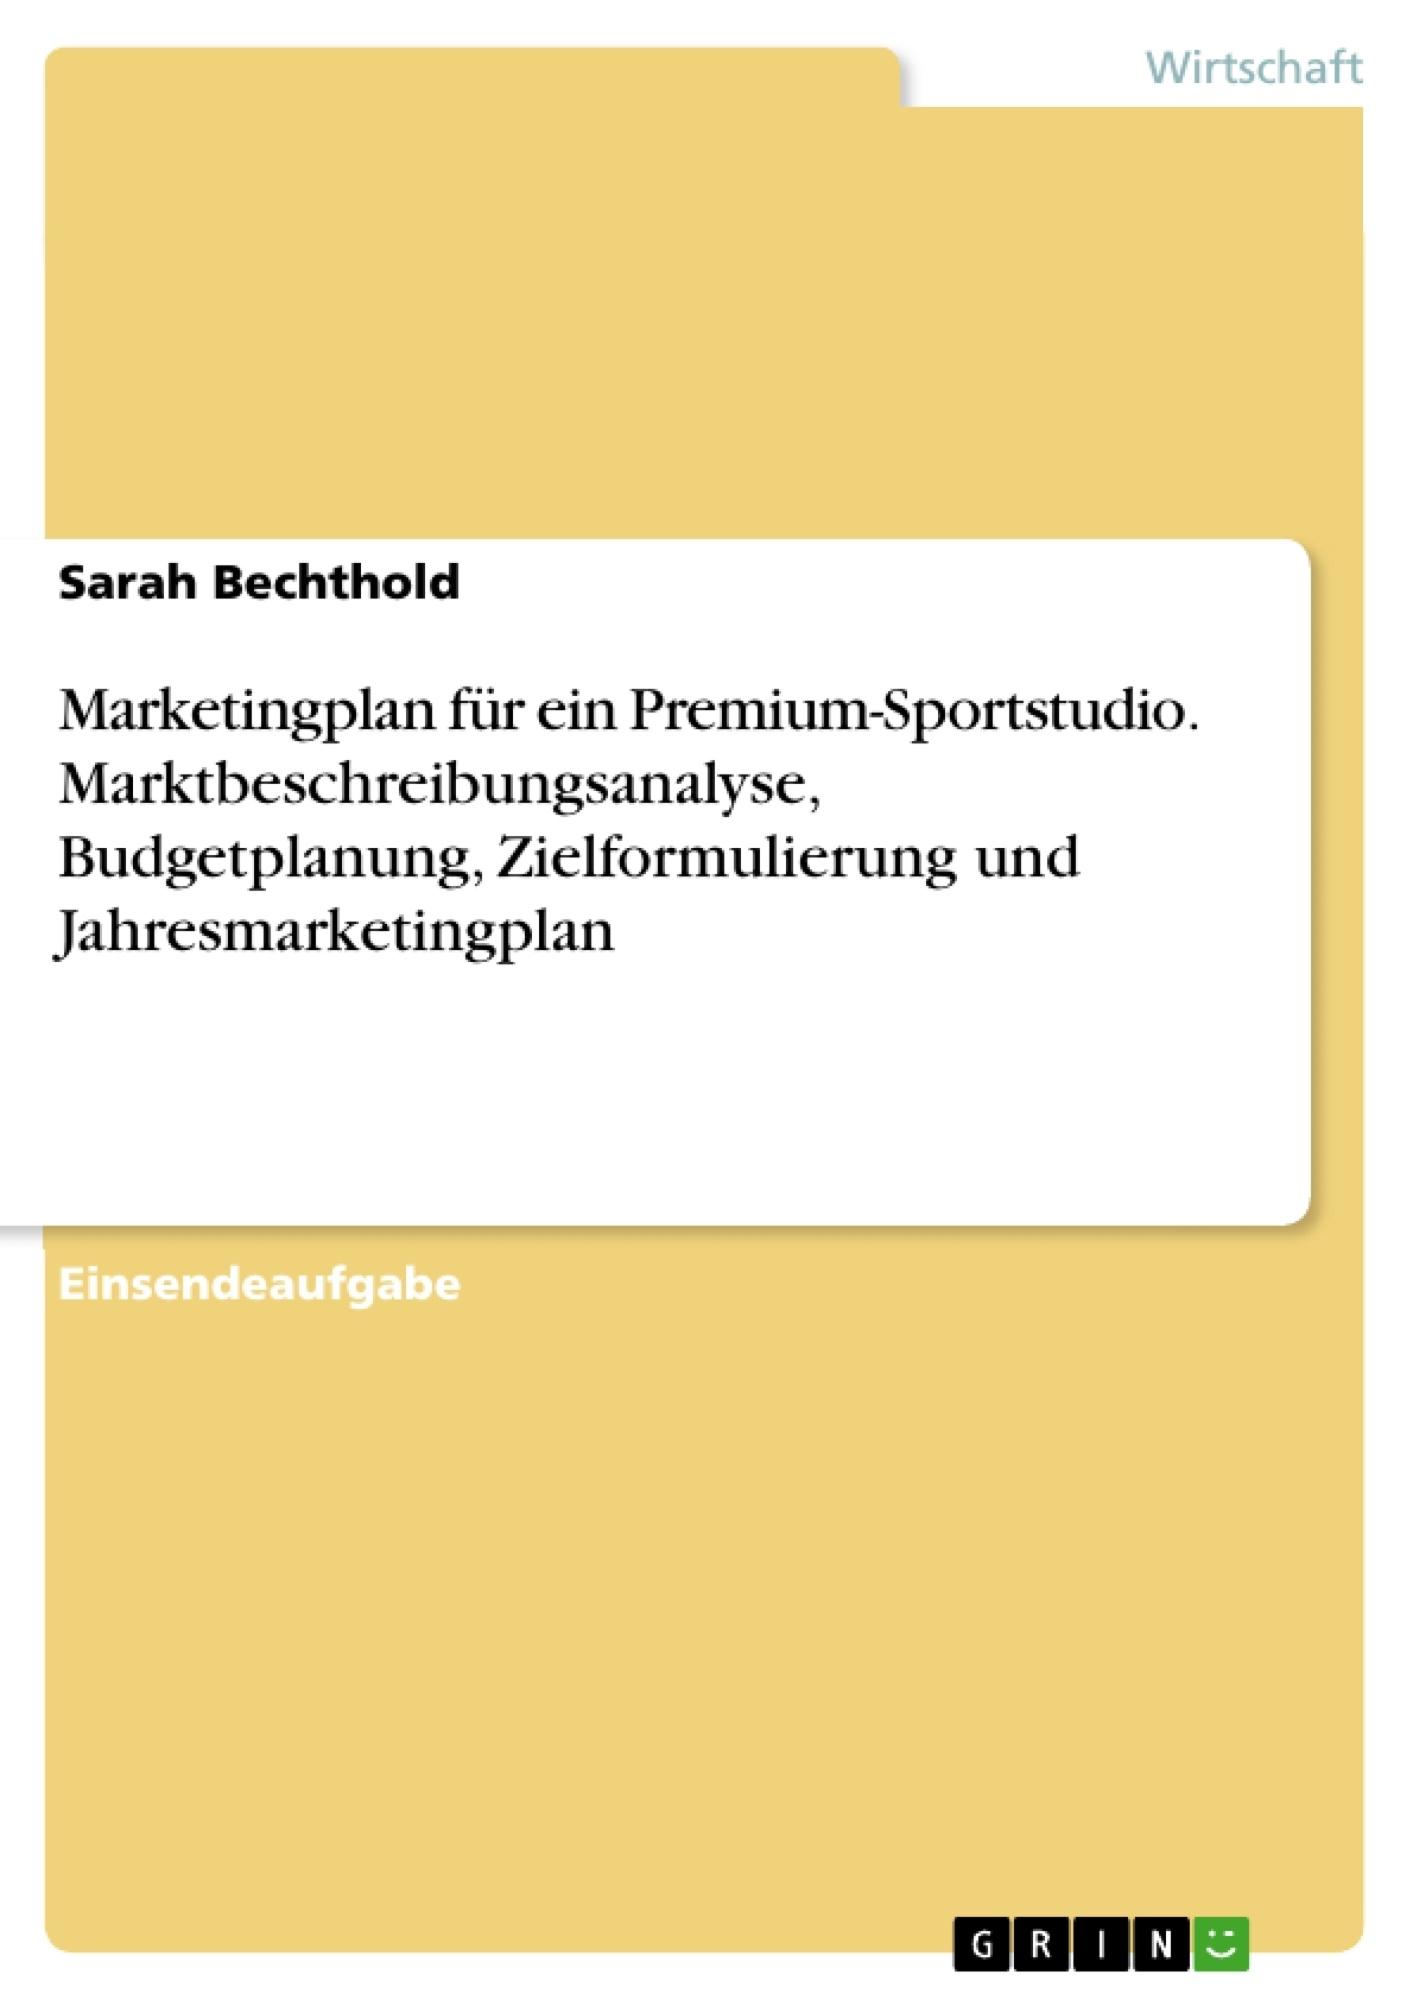 Titel: Marketingplan für ein Premium-Sportstudio. Marktbeschreibungsanalyse, Budgetplanung, Zielformulierung und Jahresmarketingplan